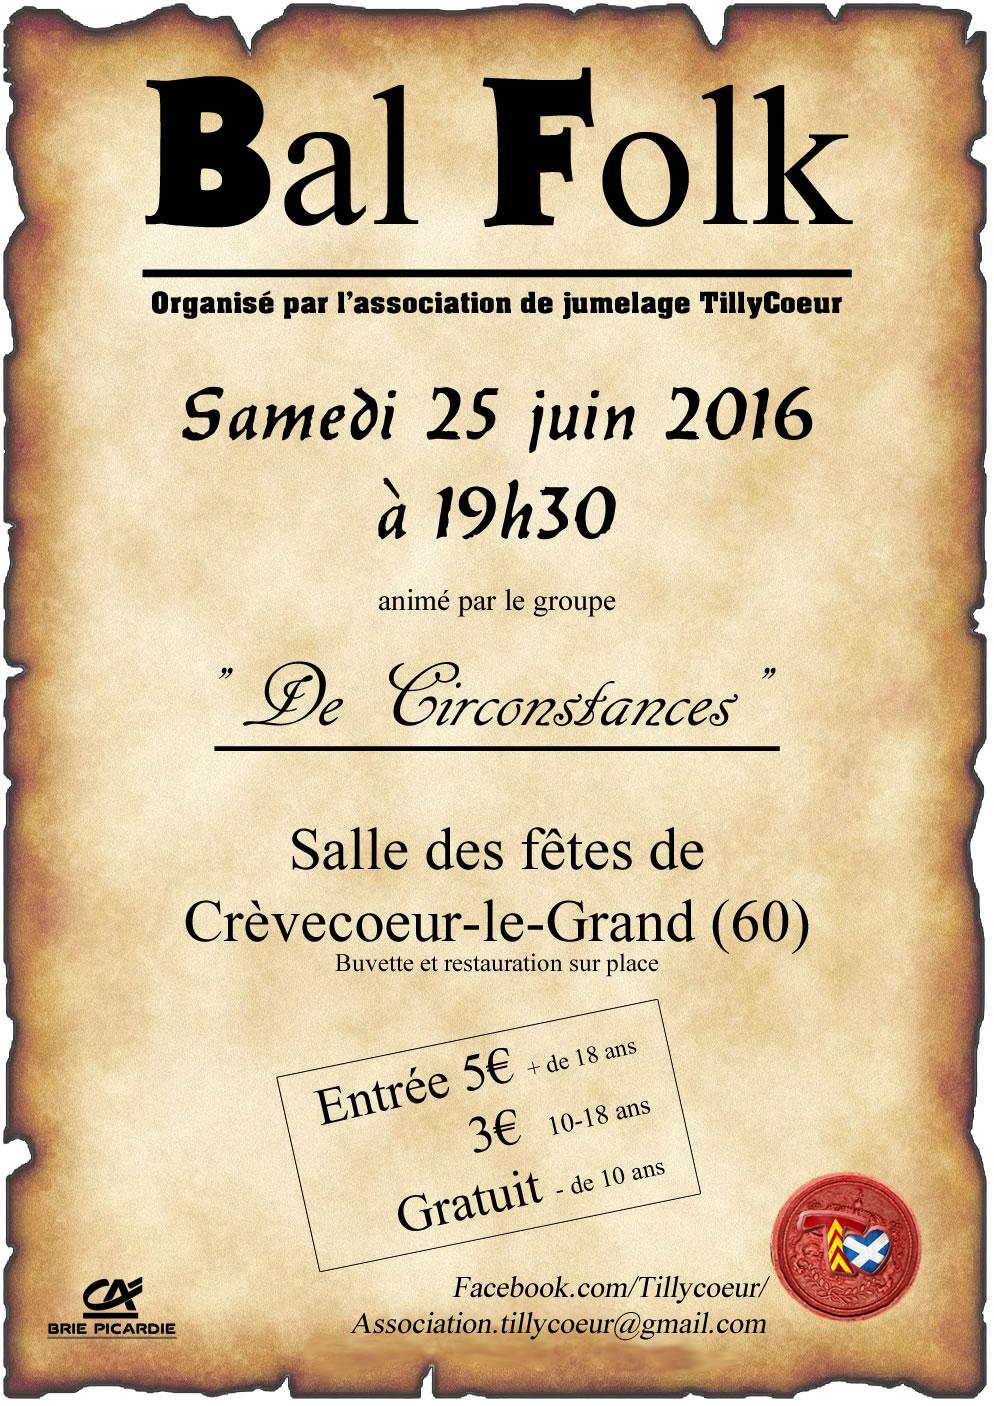 Affiche Bal folk  à Crèvecœur-le-Grand